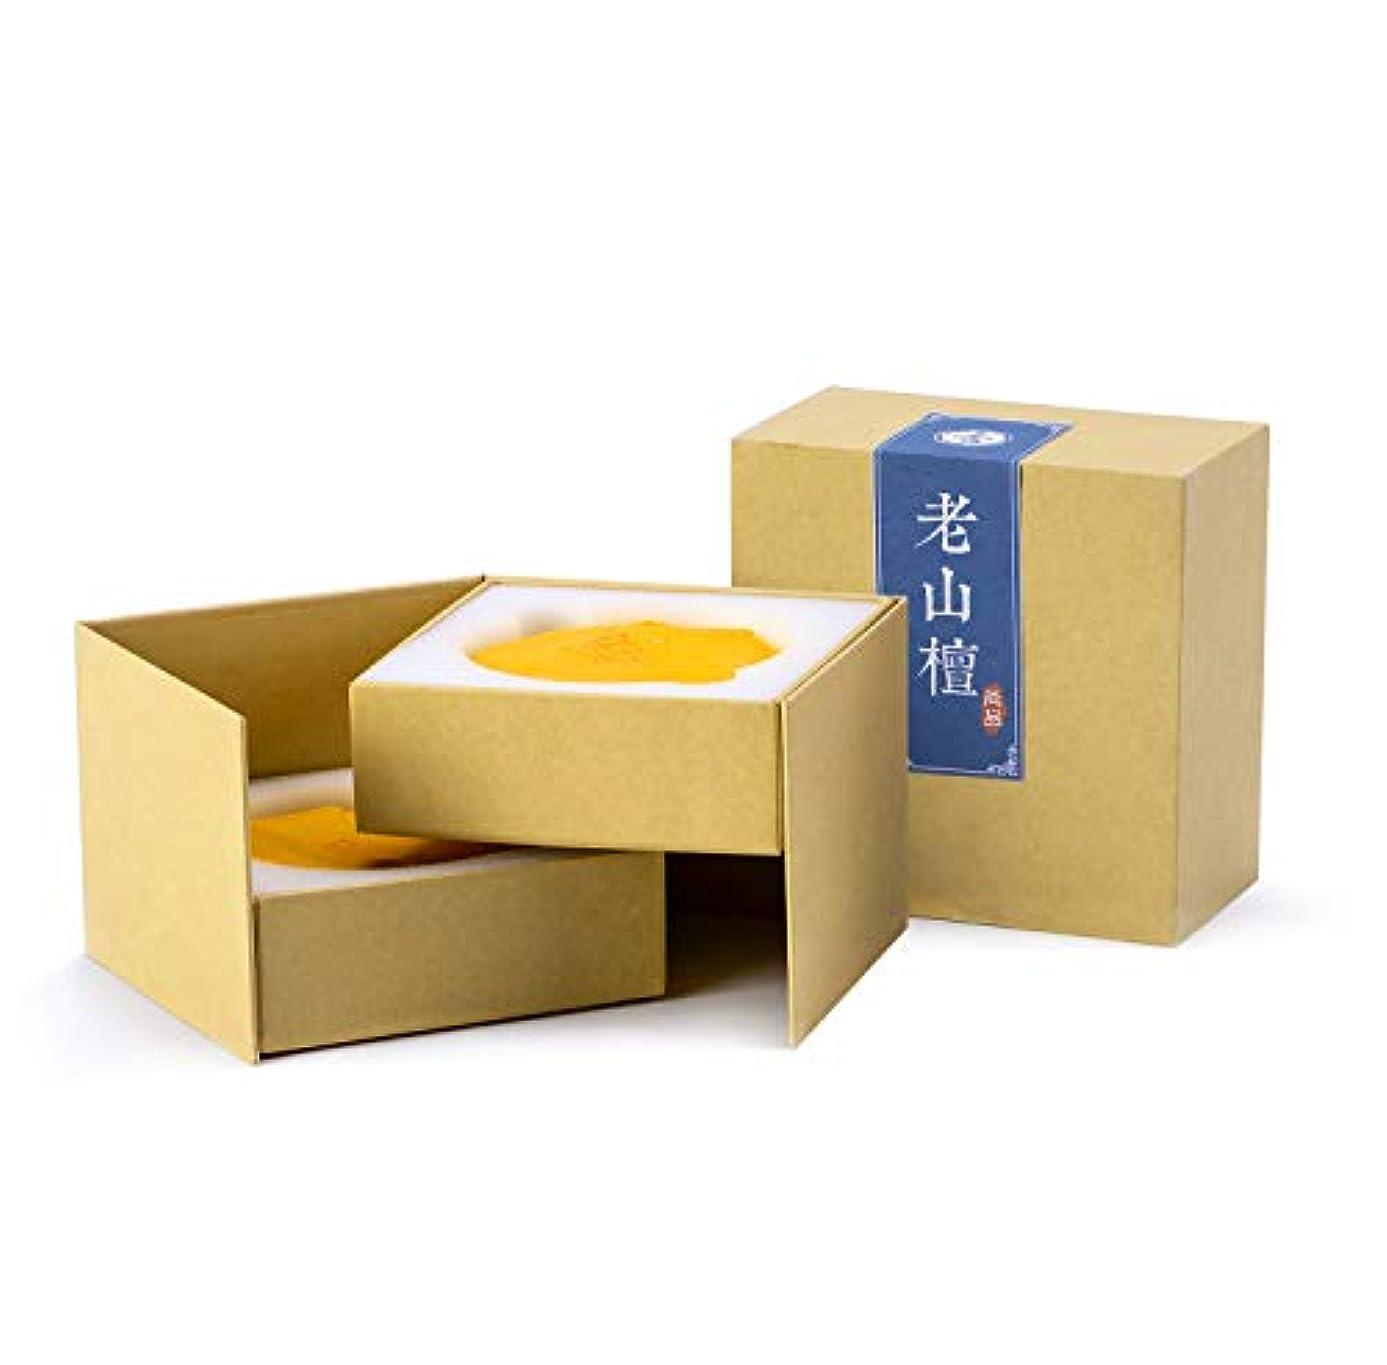 サイクル漫画胚芽Hwagui お香 上級 渦巻き線香 白檀 瀋香 ヨモギ 優しい香り 2時間 40巻入